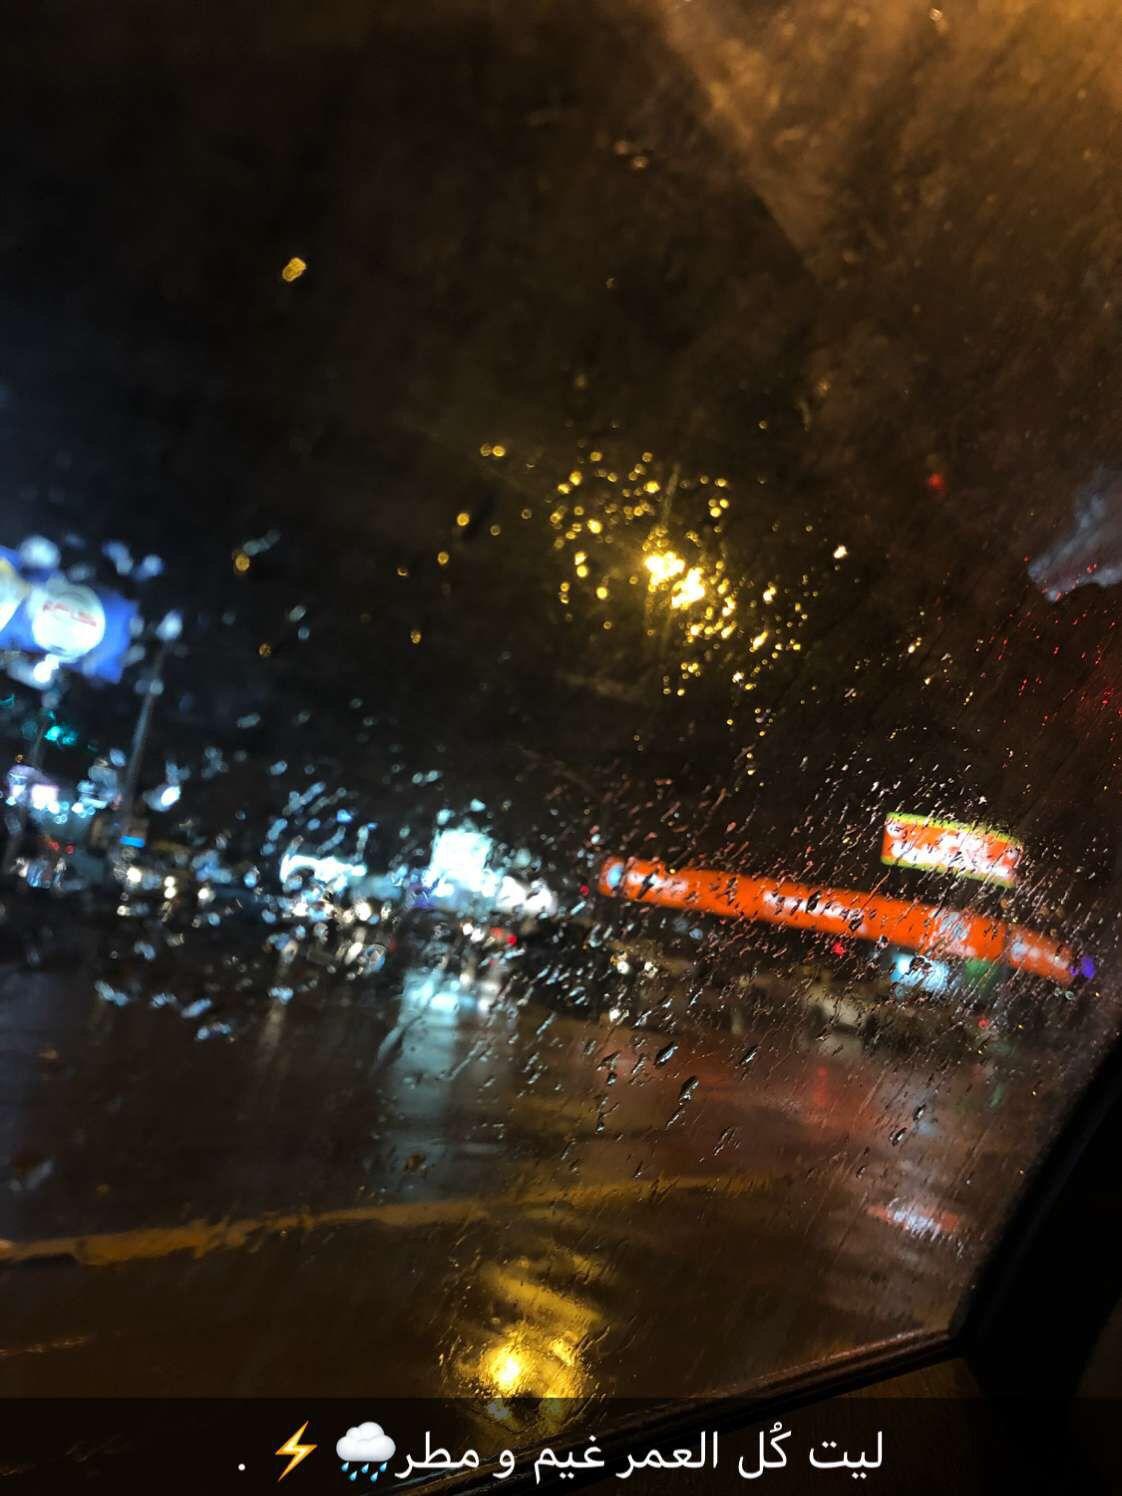 مطر امطار برودكاست غيم تصويري Times Square Landmarks